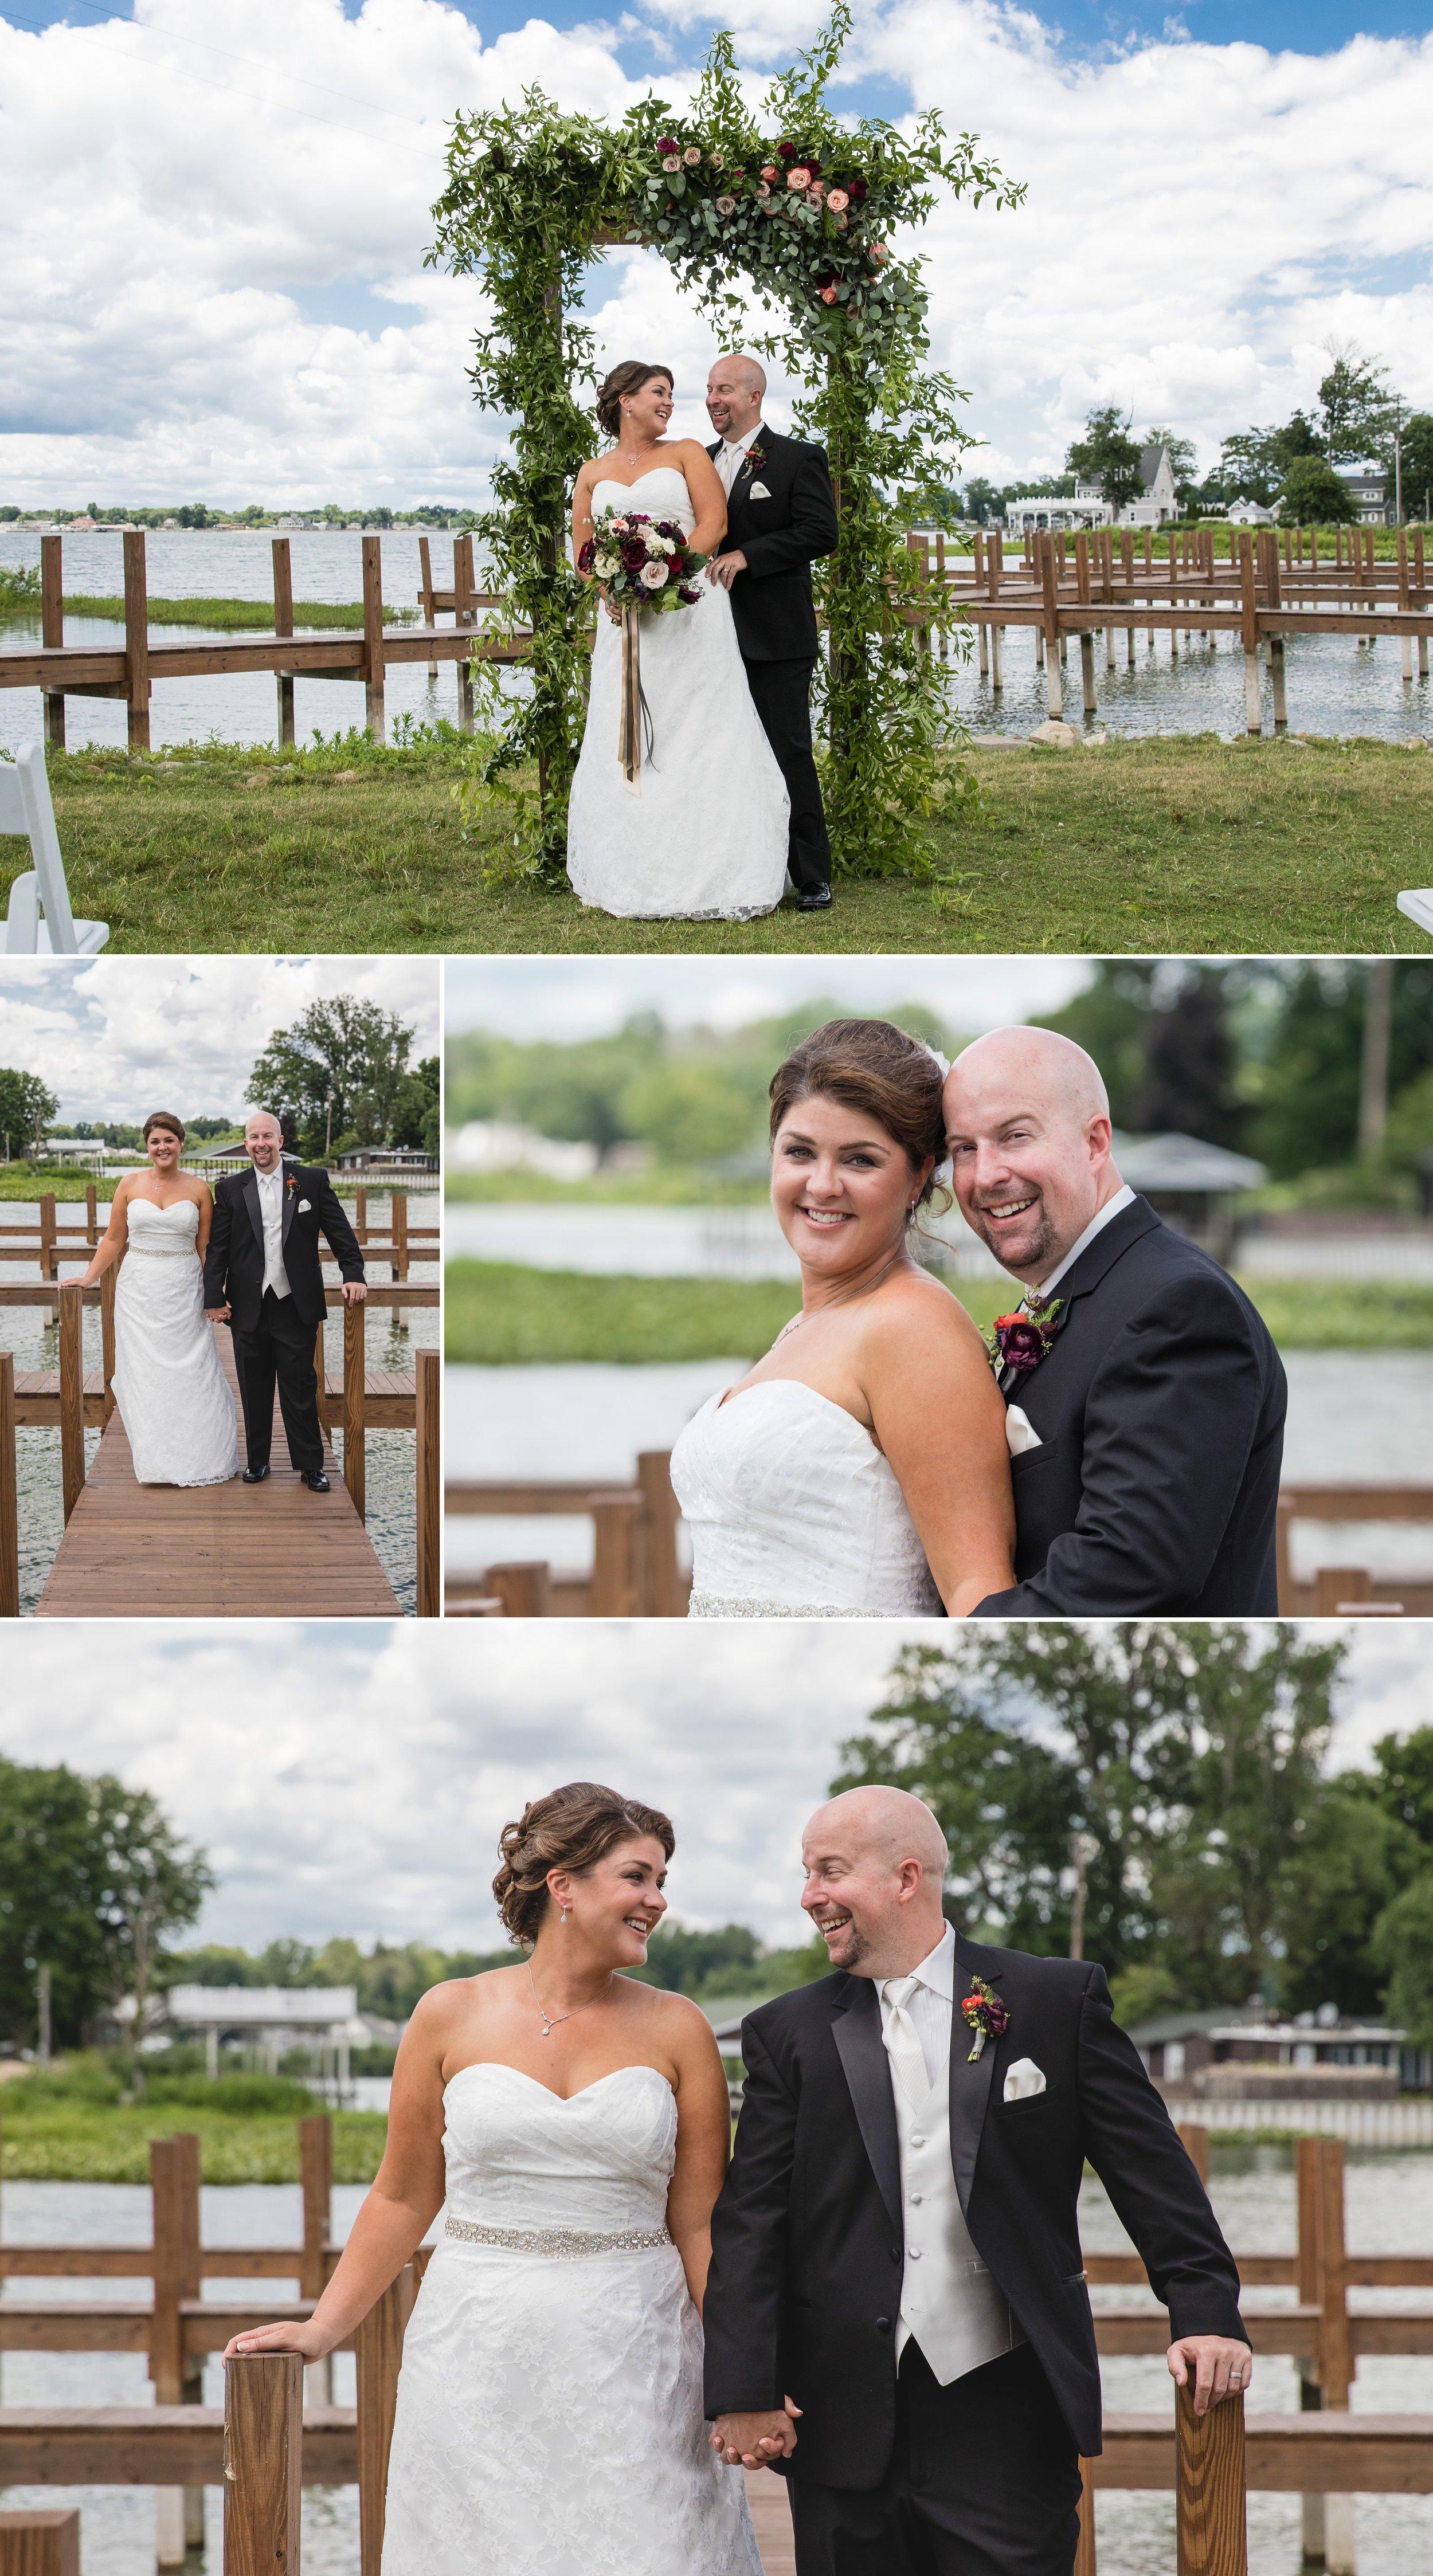 005-Buckeye-lake-winery-wedding-couple-wedding-party-portraits-columbus-ohio-wedding-muschlitz-photography-03.JPG